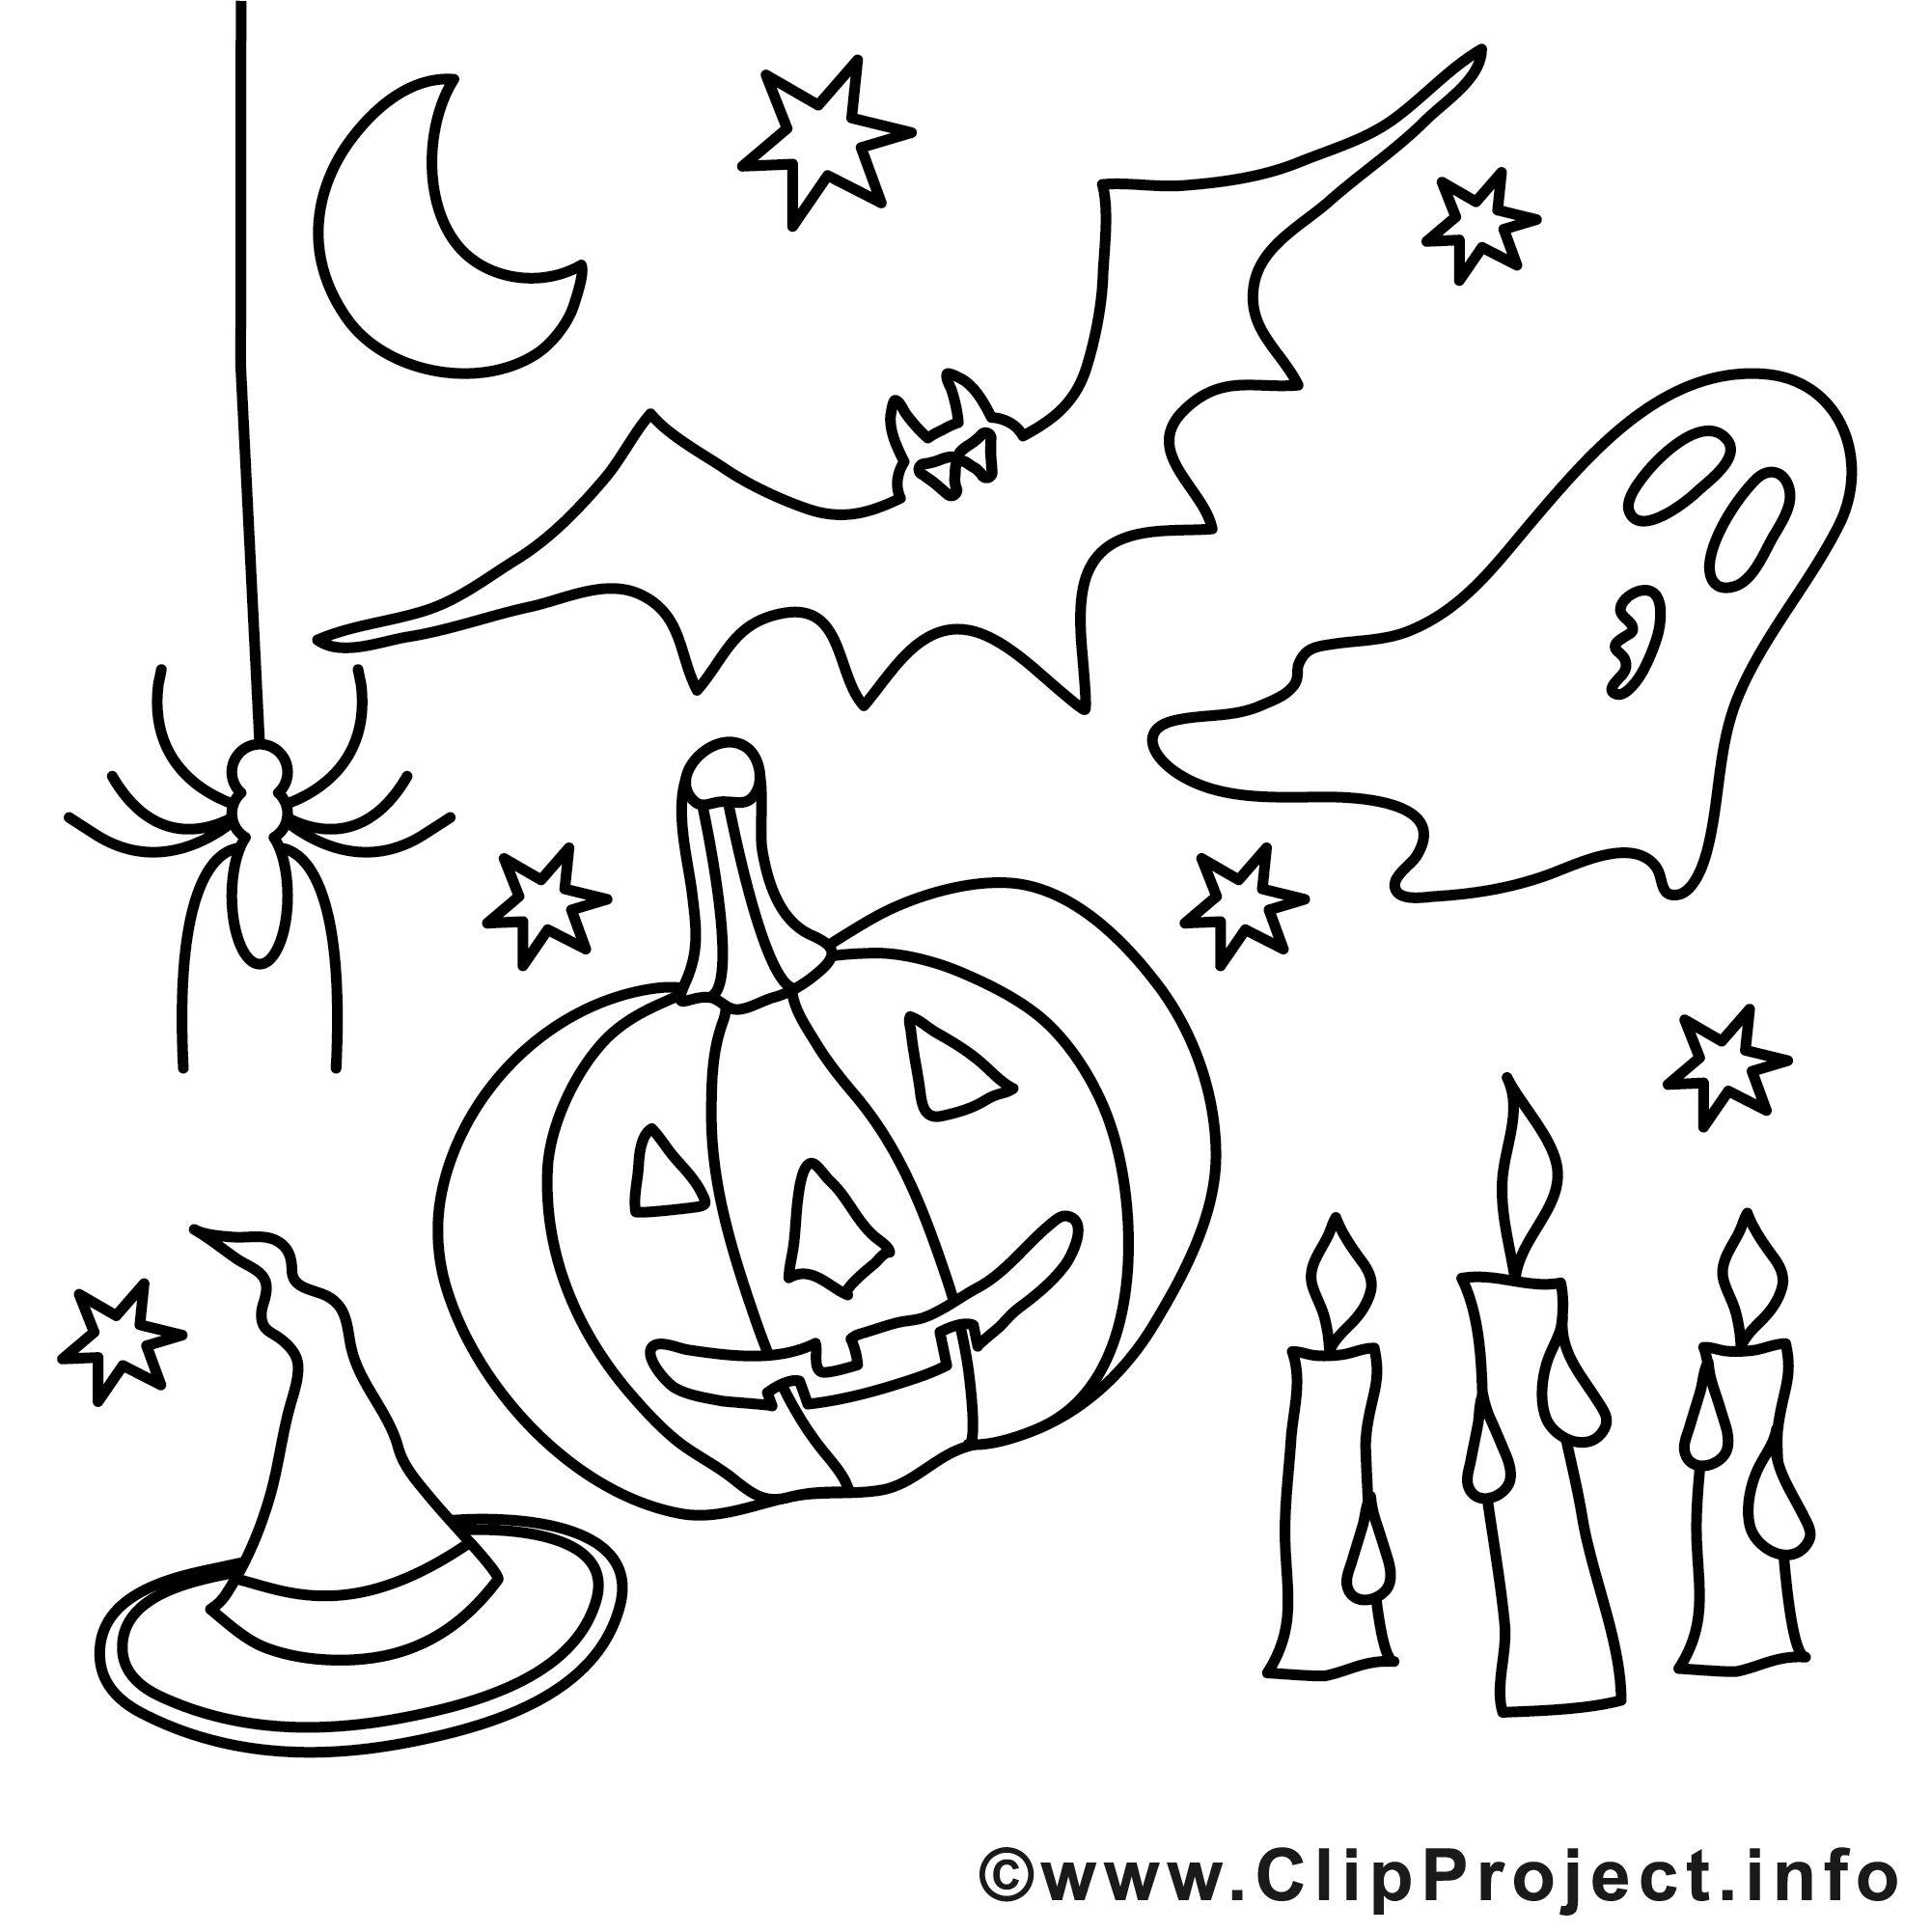 Halloween Malvorlagen Ausdrucken 04 | Ausmalbilder für Halloween Ausmalbilder Zum Ausdrucken